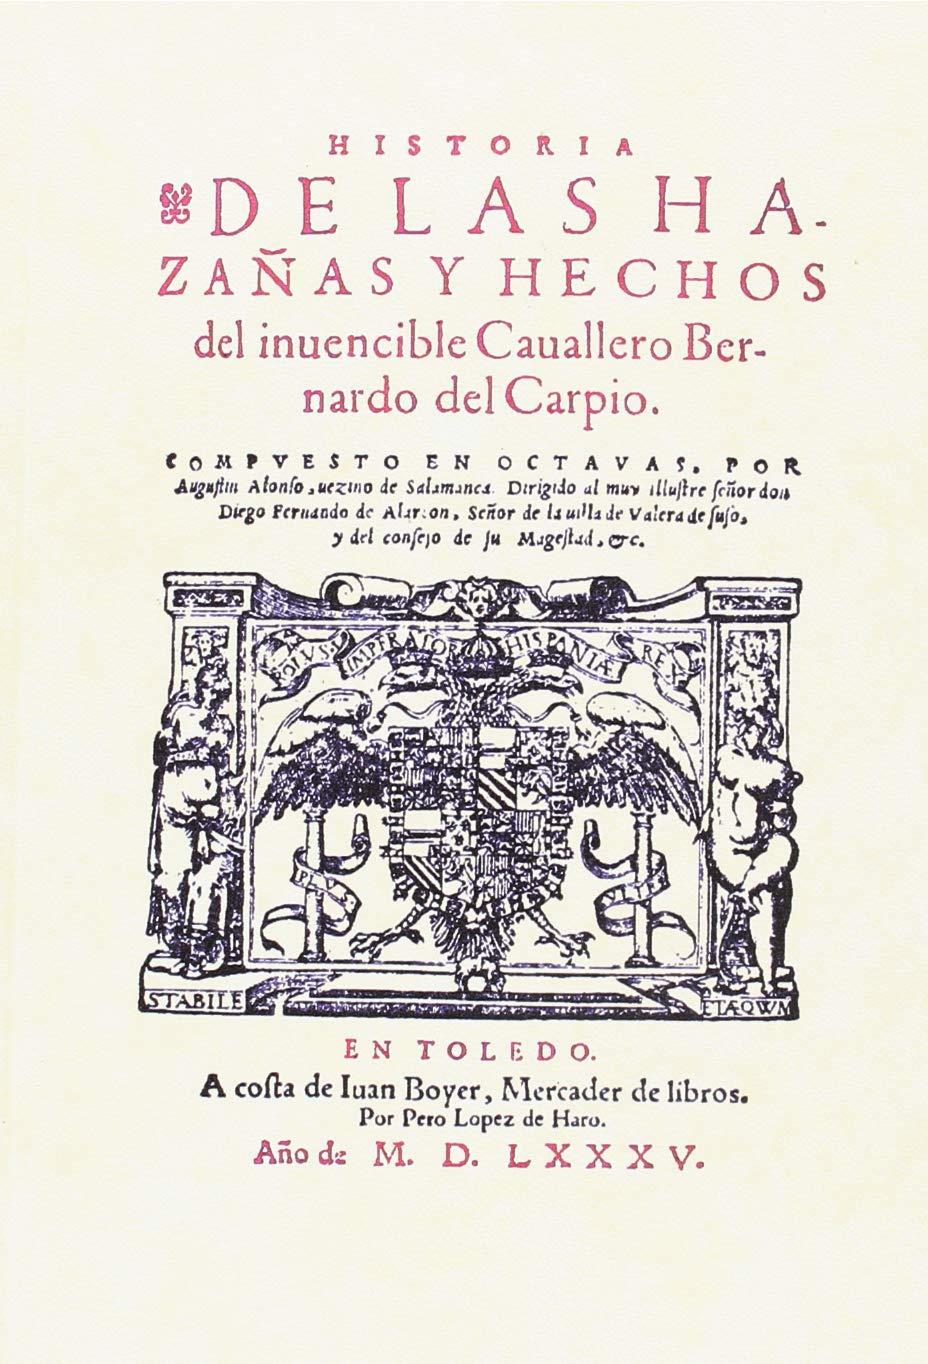 Historia de las Hazañas y hechos del invencible caballero Bernardo ...